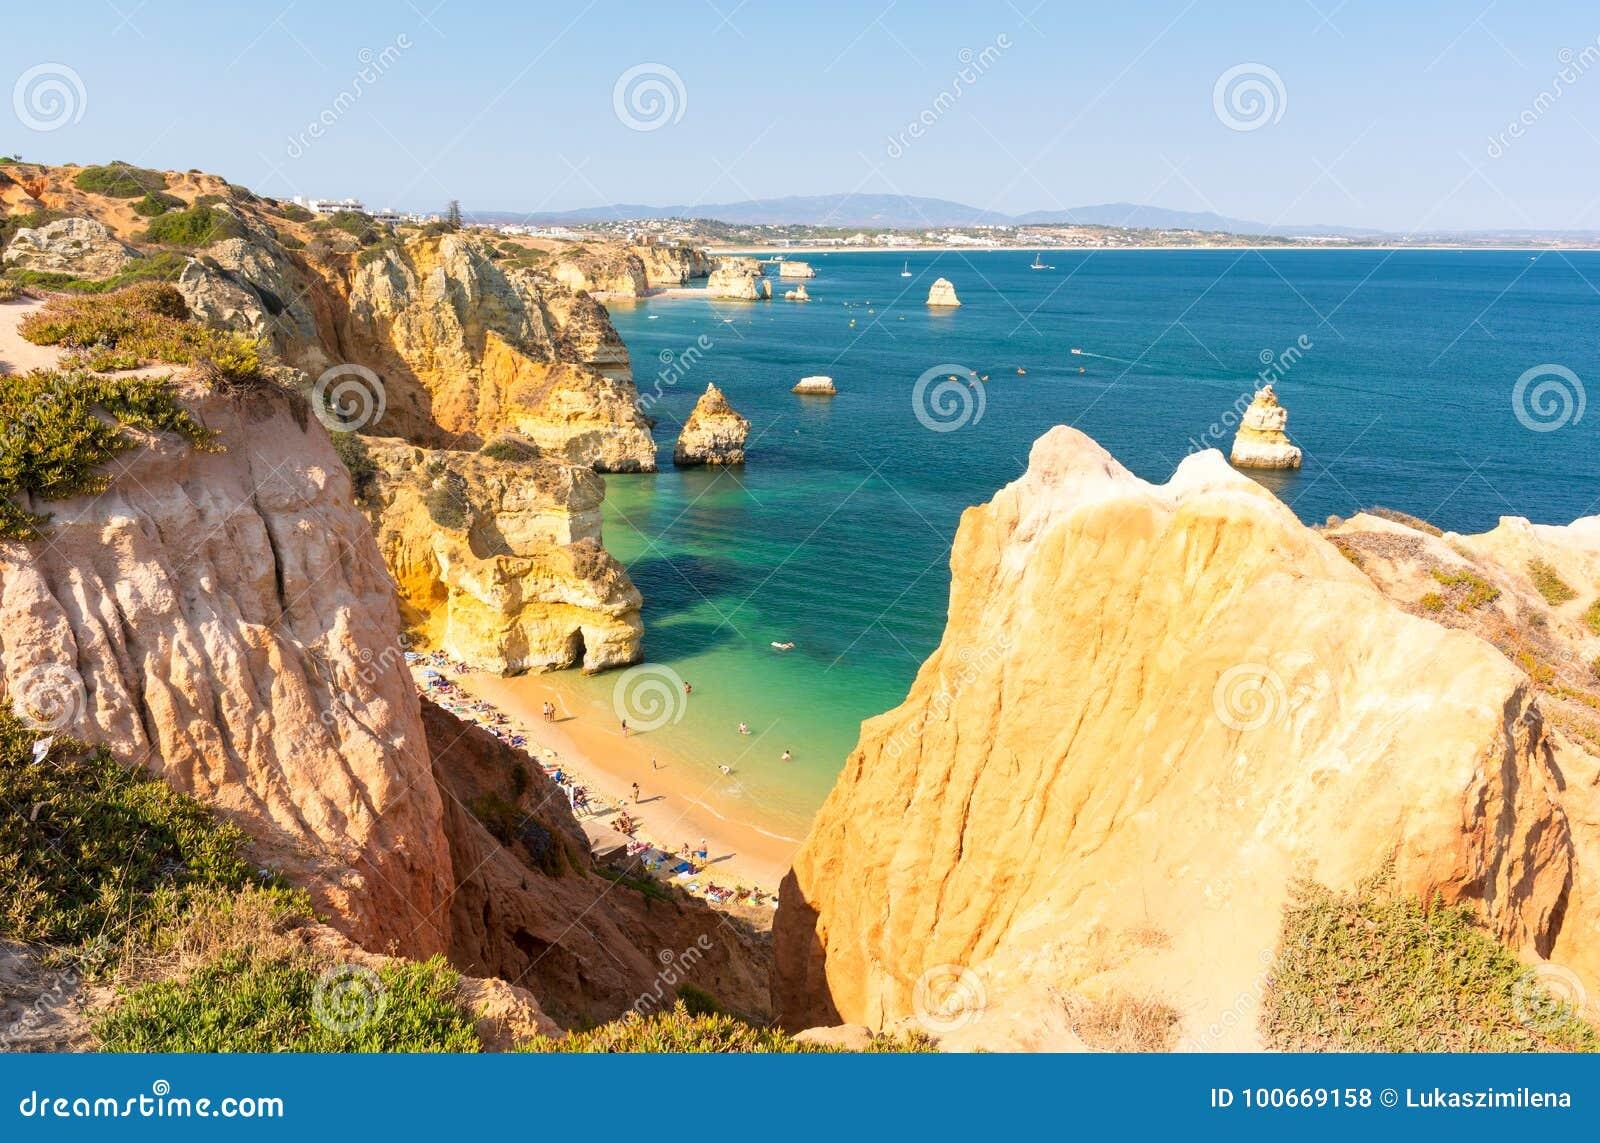 Άποψη σχετικά με την παραλία Praia do Camilo στο Λάγκος, Αλγκάρβε, Πορτογαλία